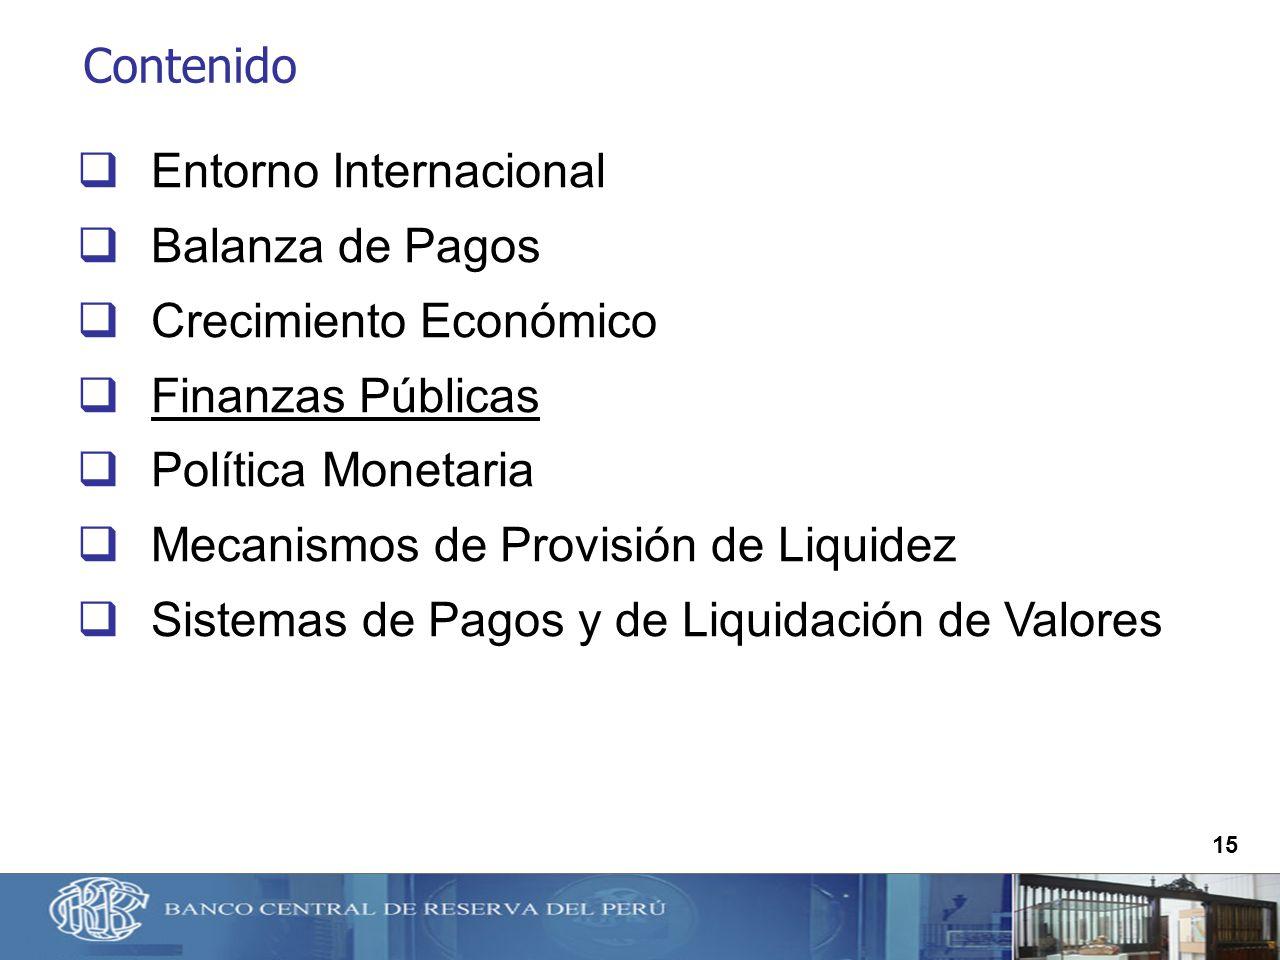 Contenido Entorno Internacional. Balanza de Pagos. Crecimiento Económico. Finanzas Públicas. Política Monetaria.